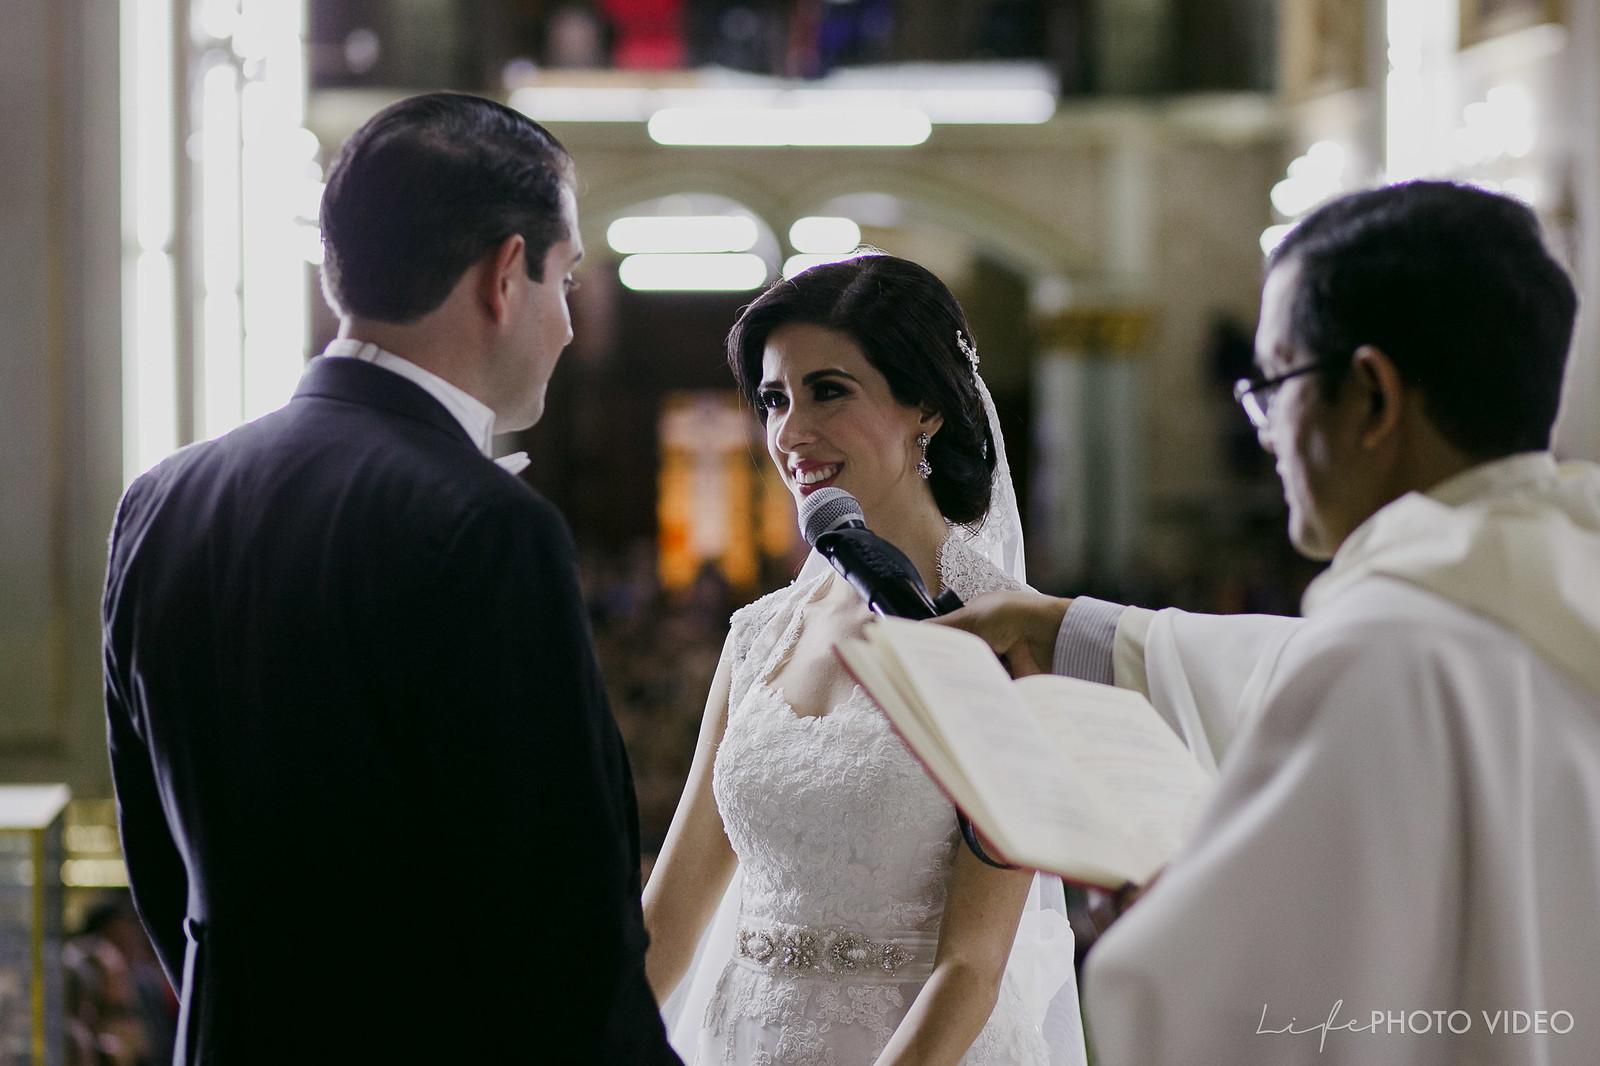 Boda_Leon_Guanajuato_Wedding_0067